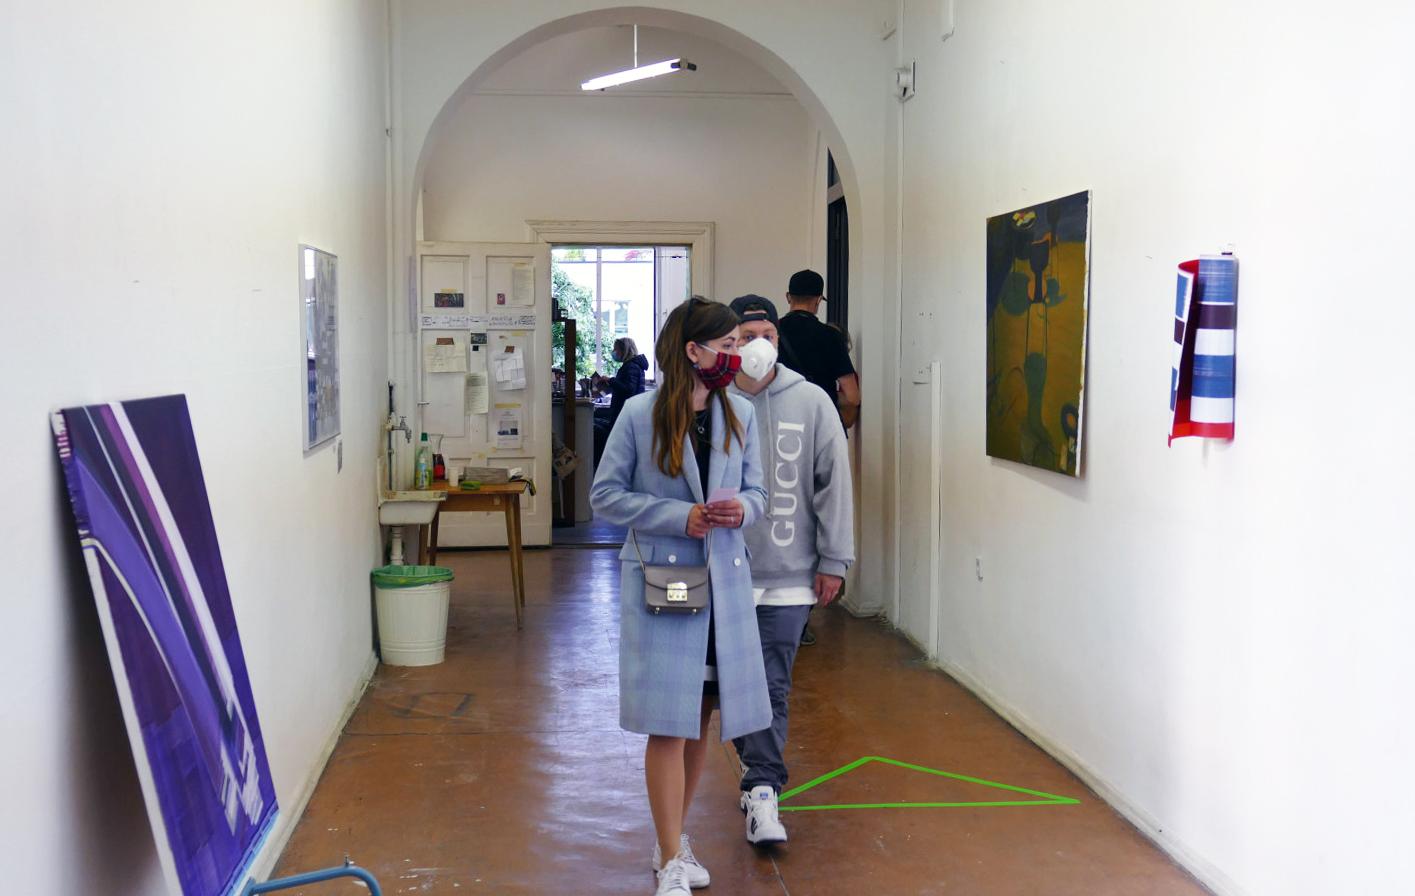 artspring berlin - Wochenende der offenen Ateliers